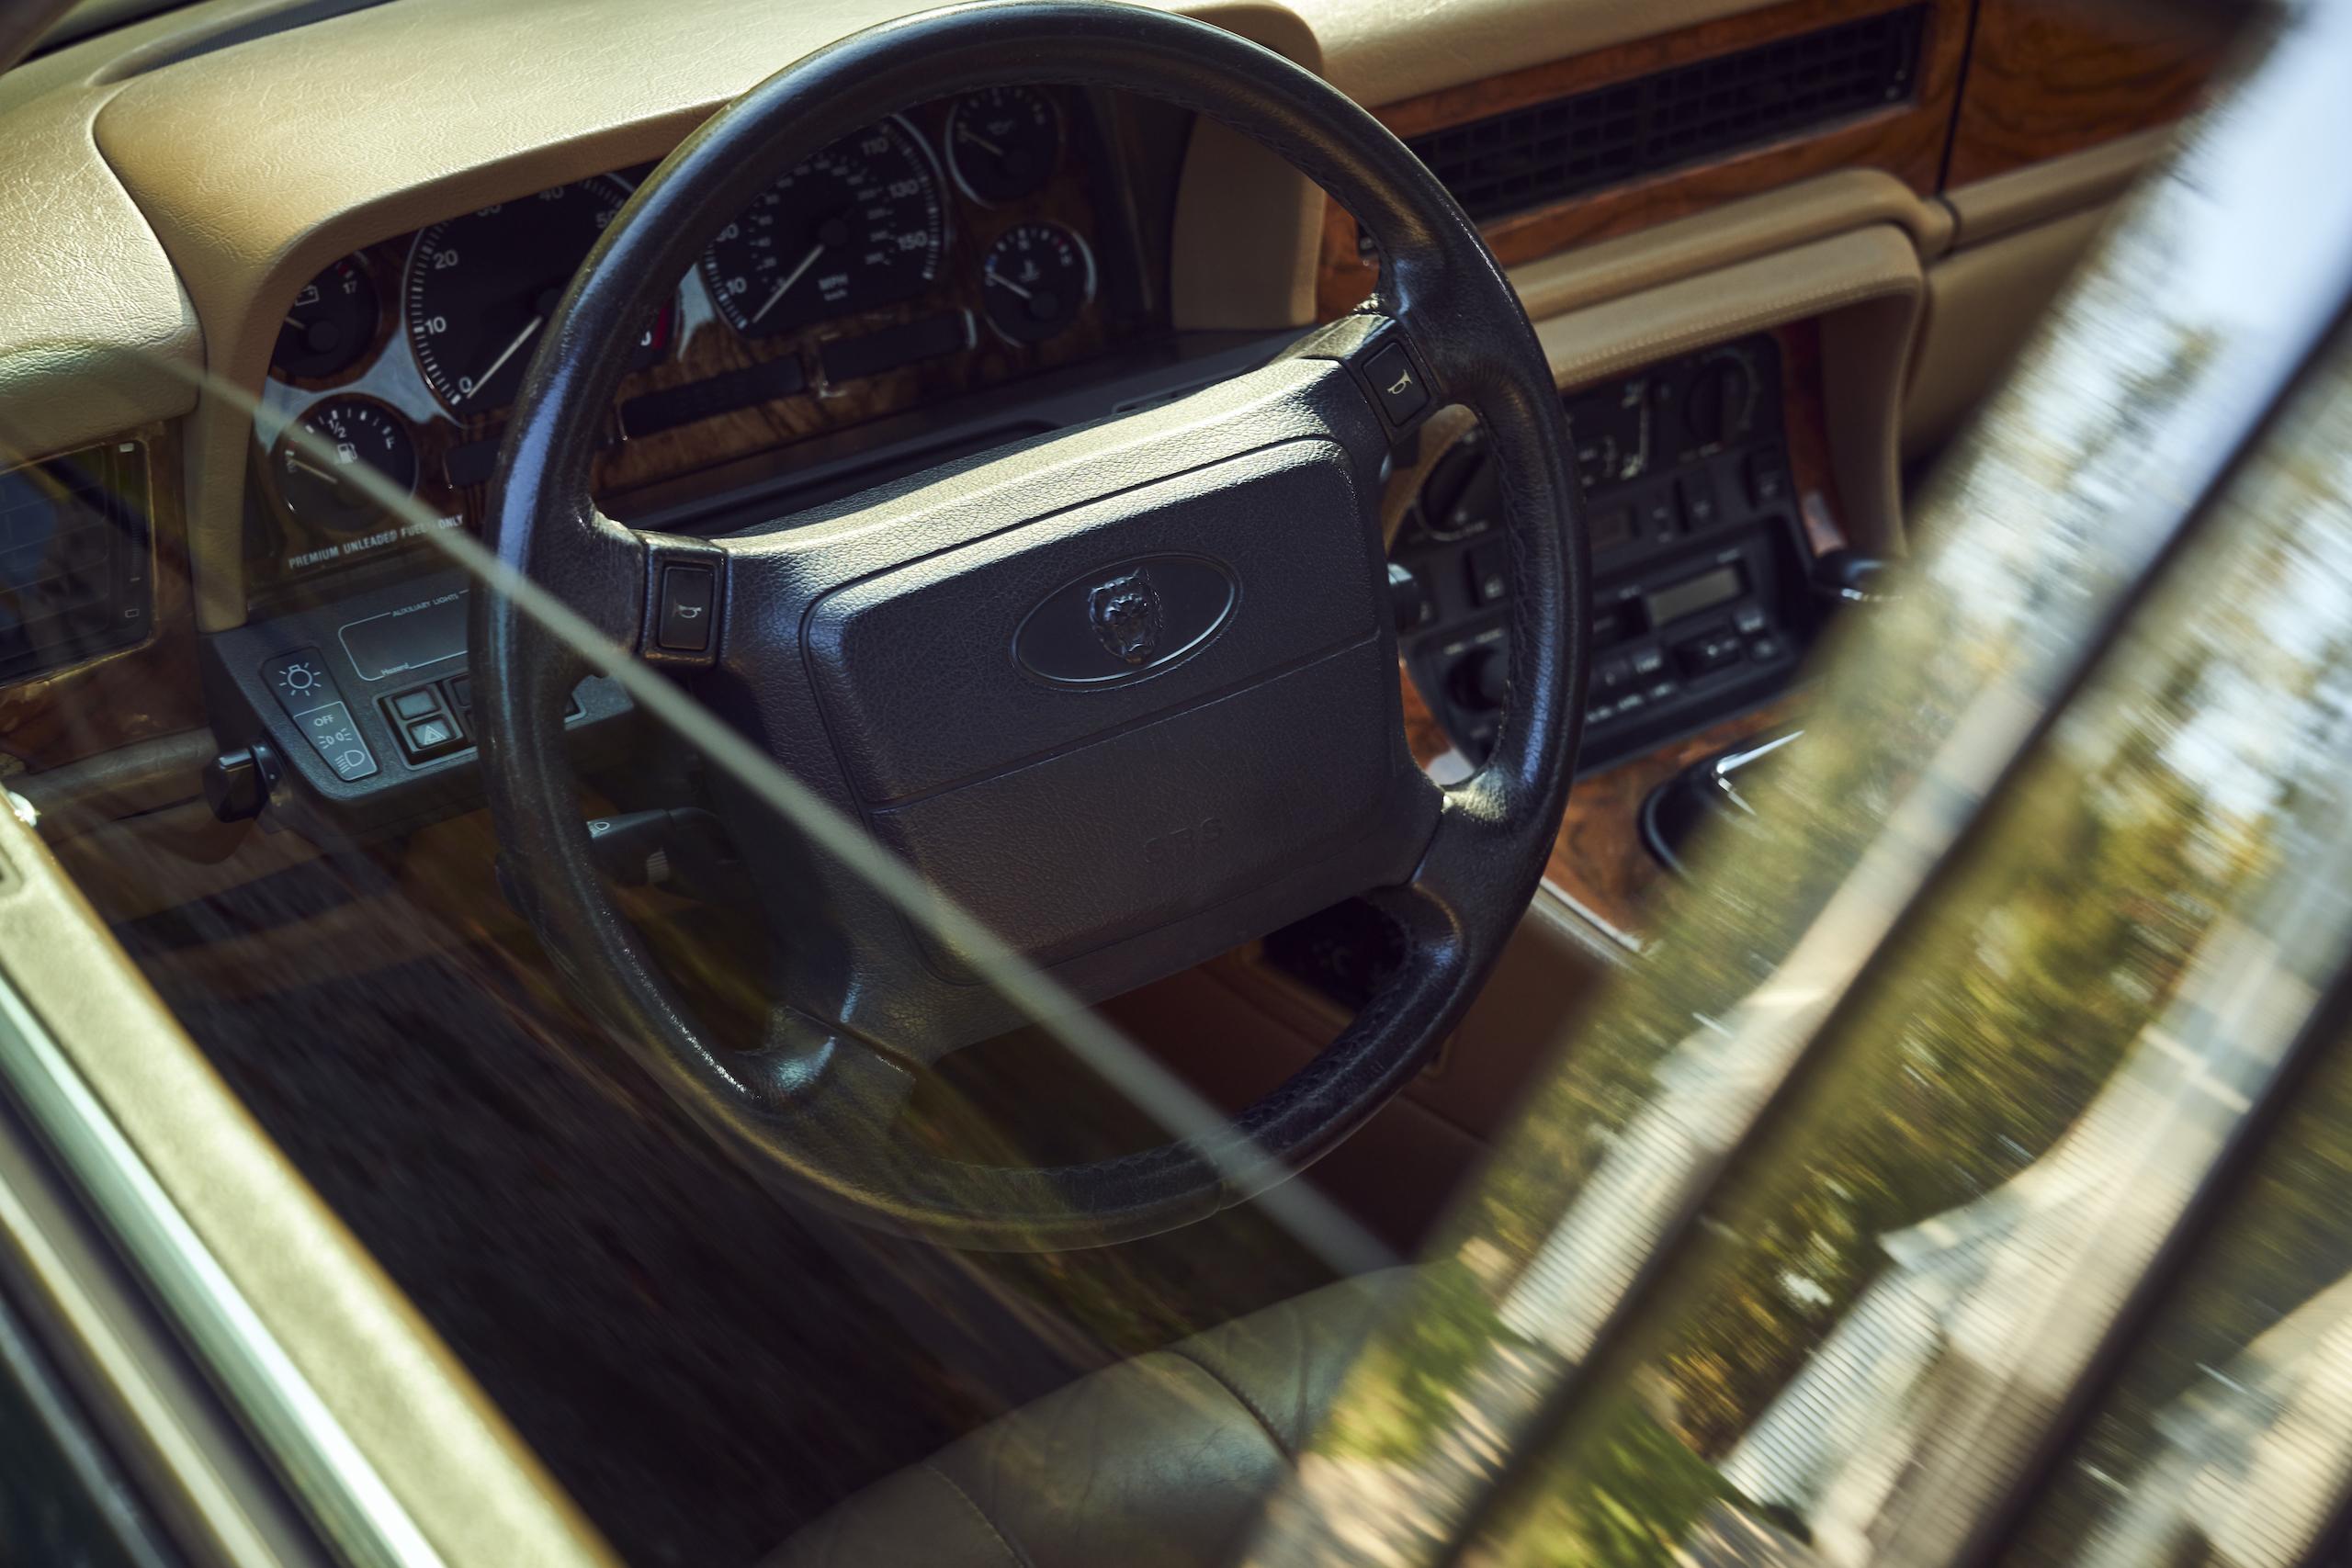 Jaguar XJ6 steering wheel through lowered window